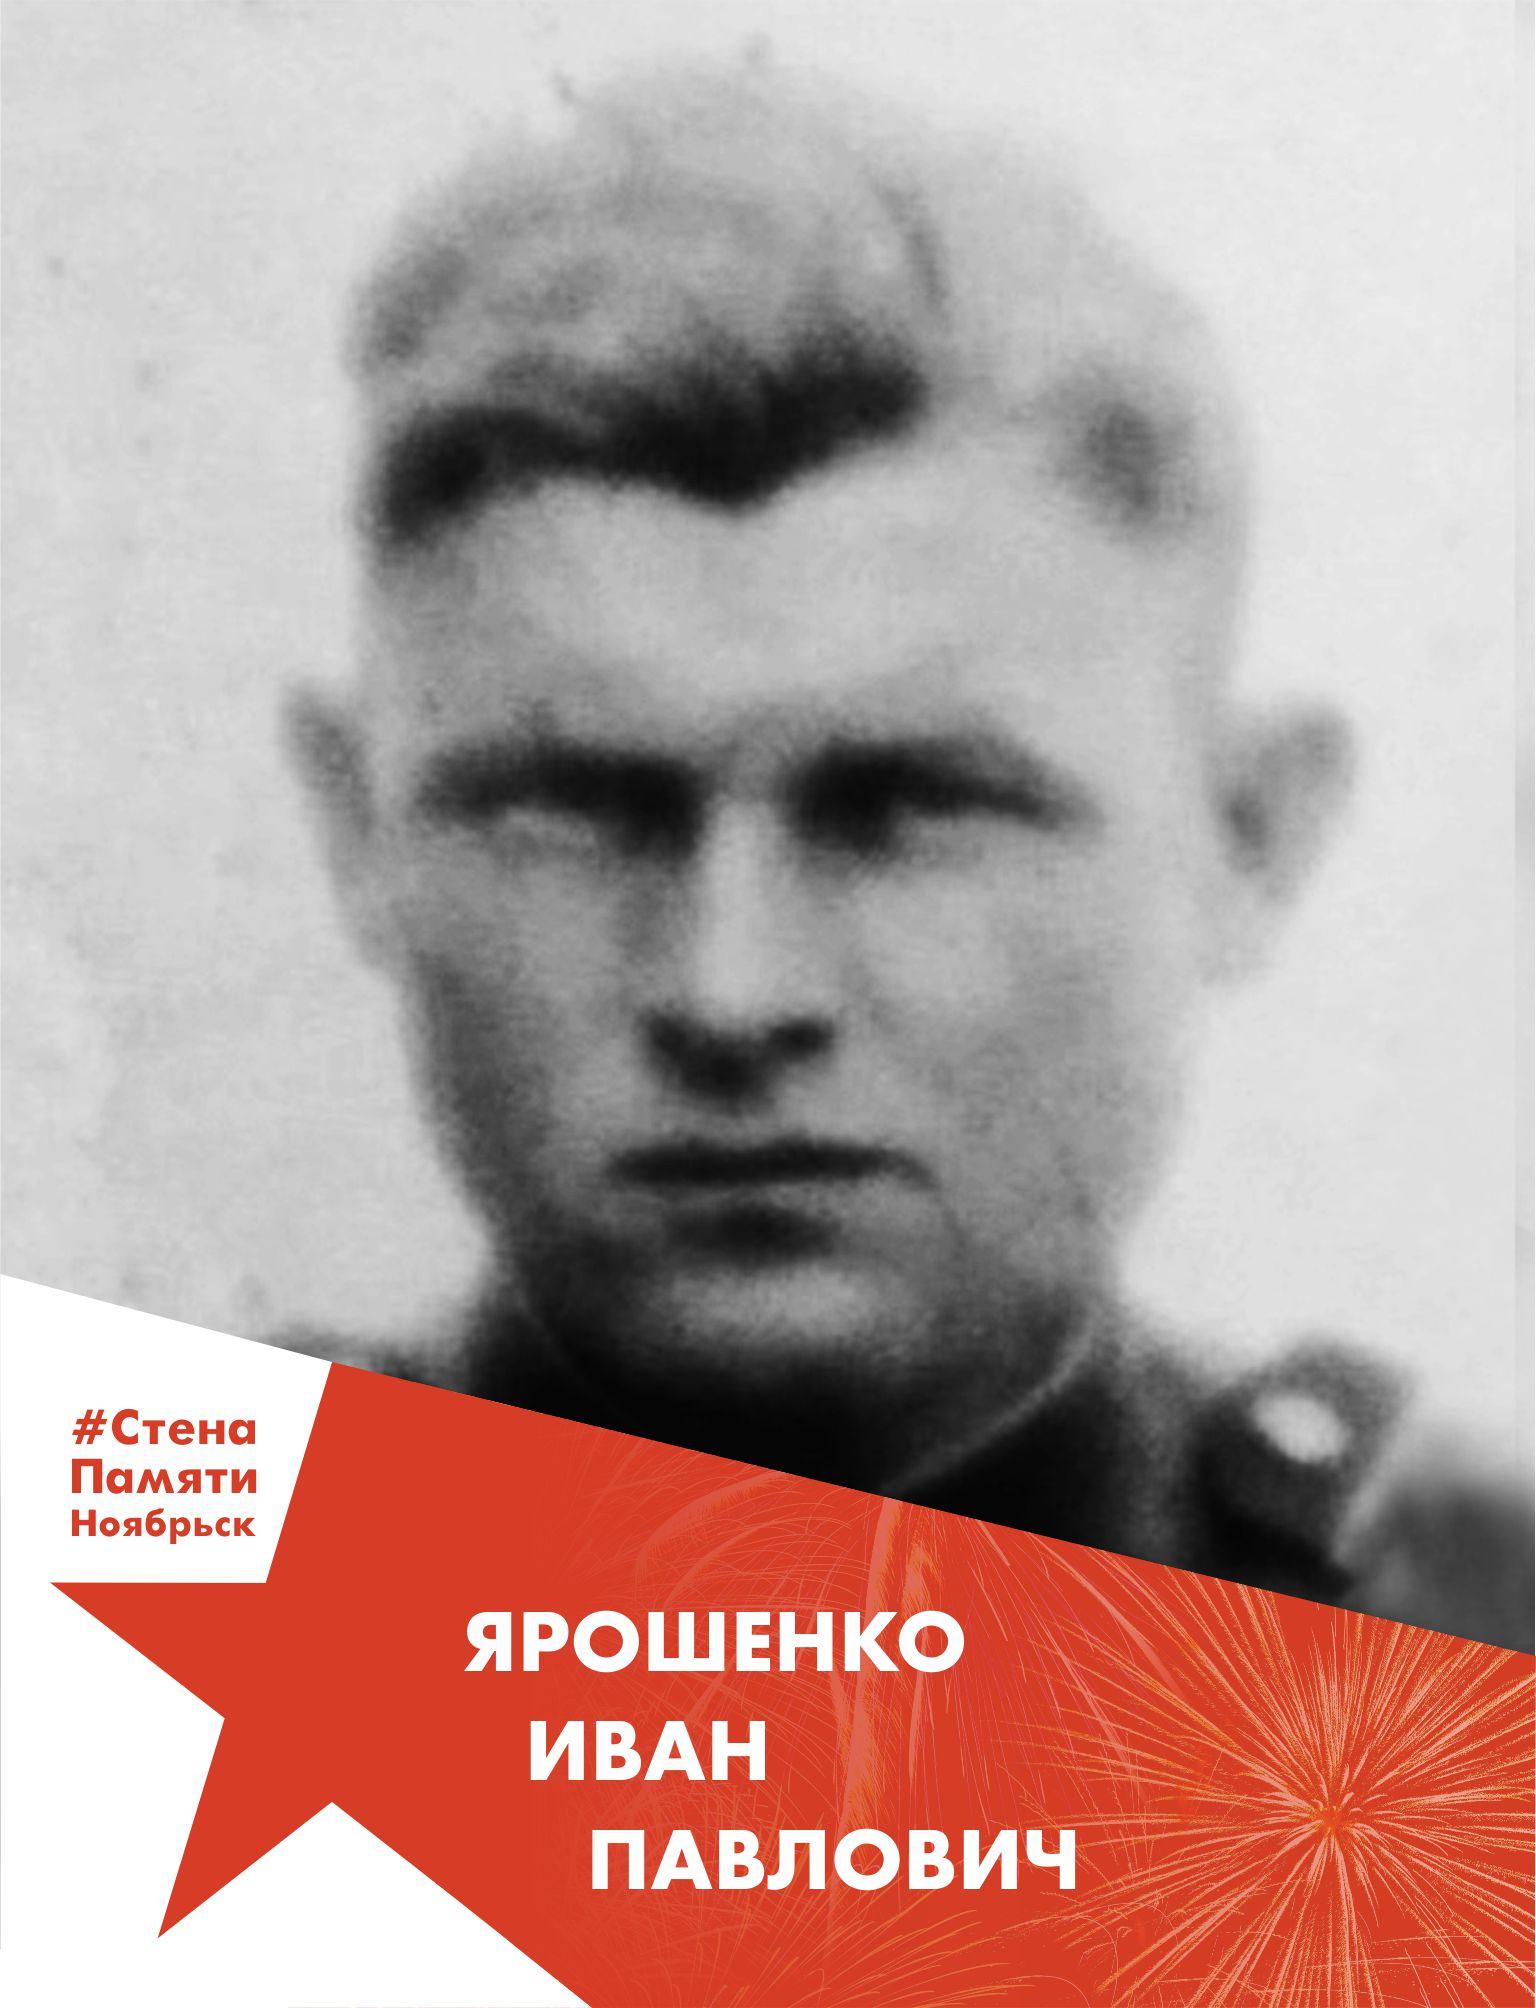 Ярошенко Иван Павлович